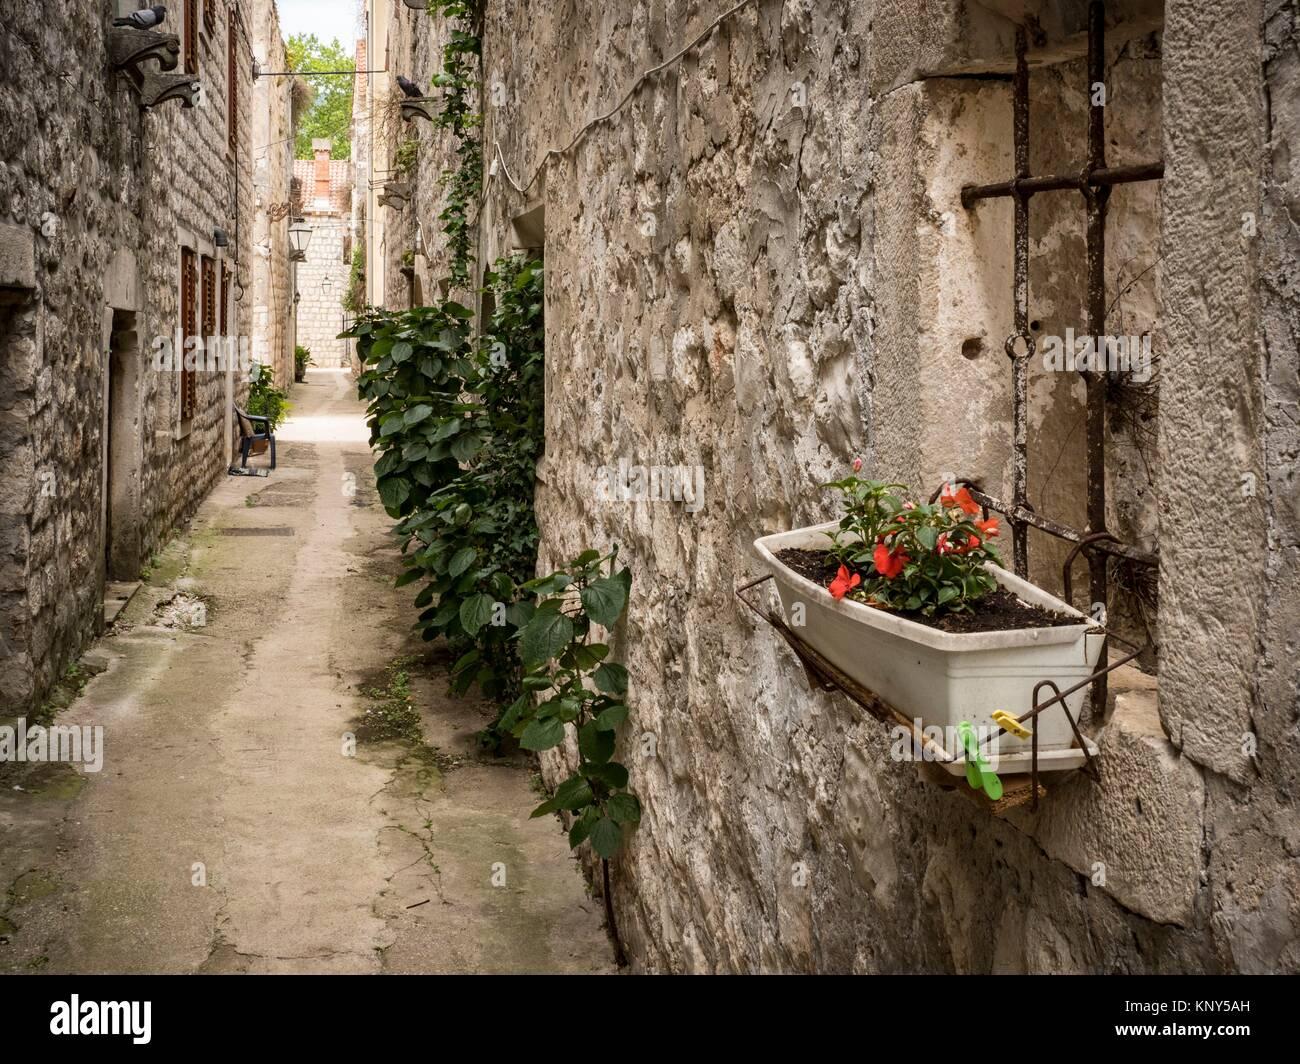 Ston Kroatien. Stockbild